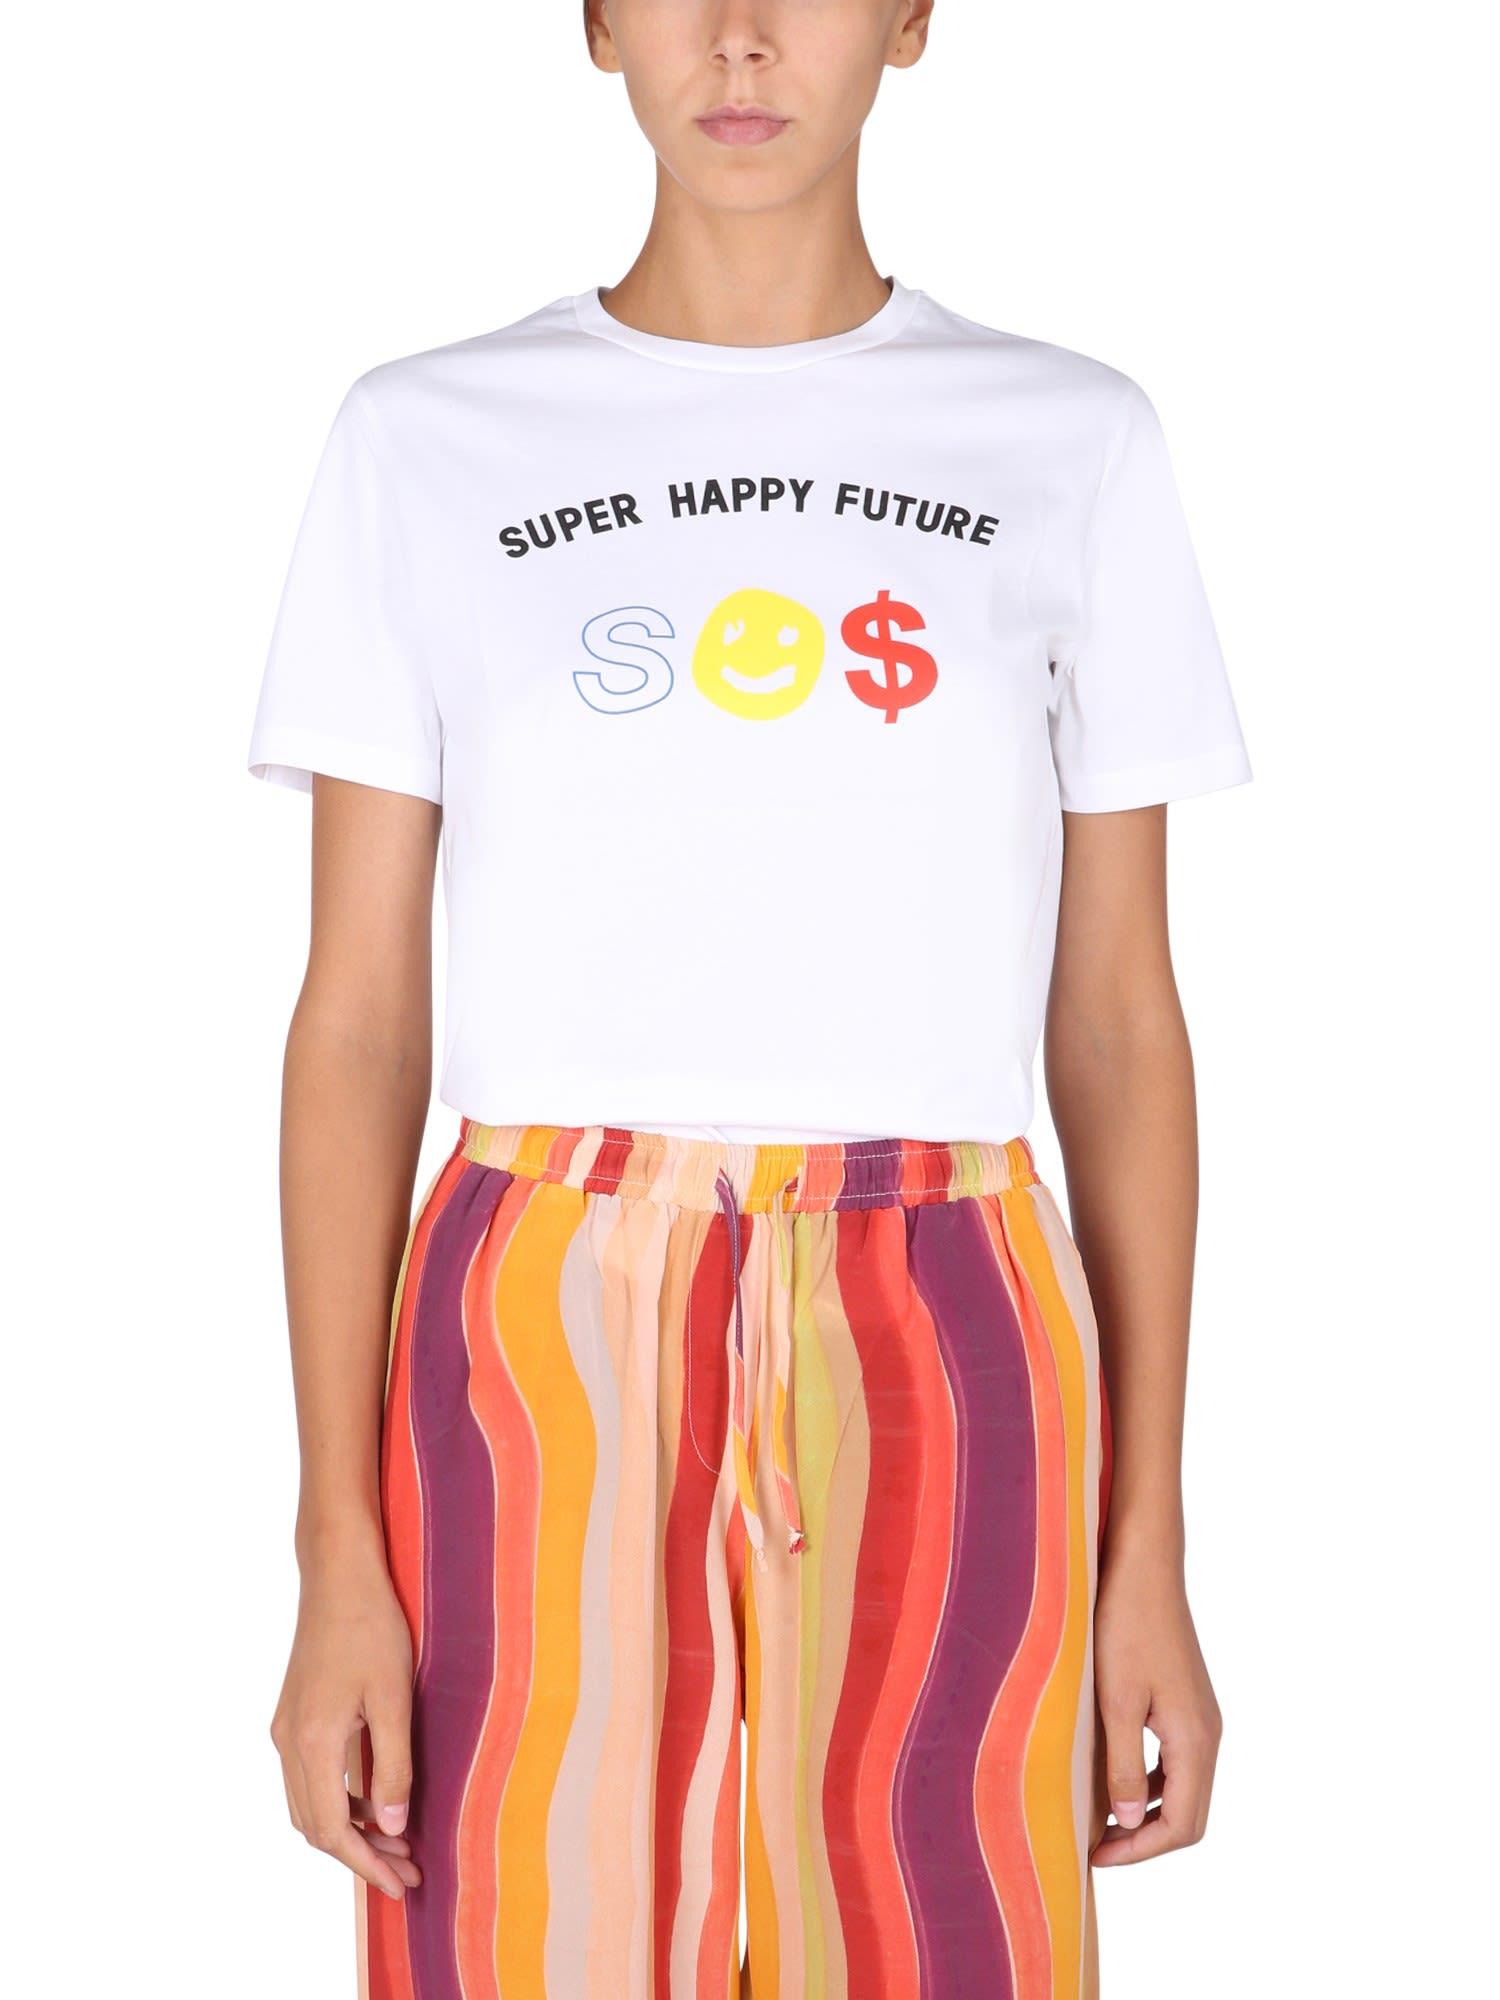 Super Happy Future T-shirt